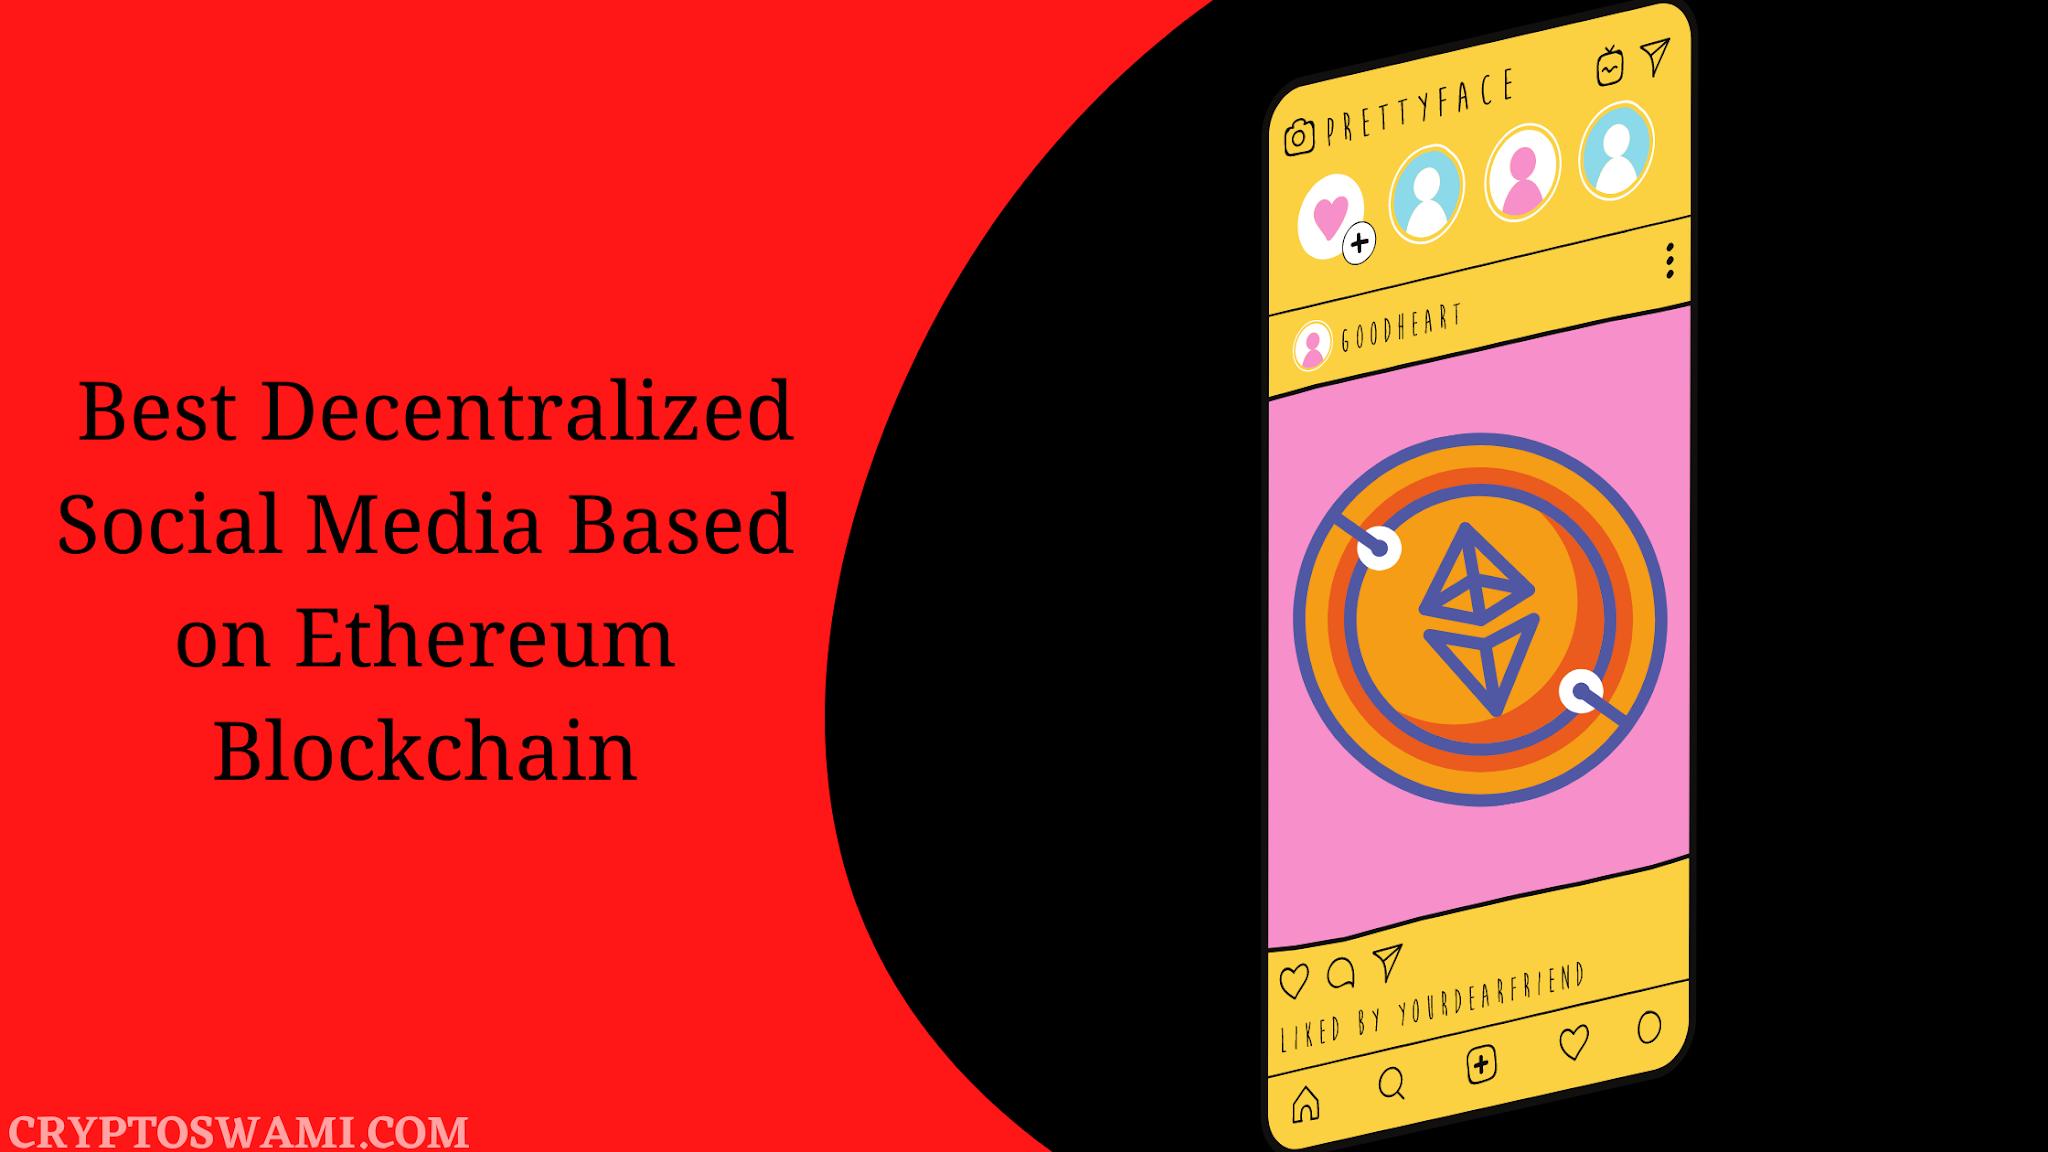 9 Best Decentralized Social Media Based on Ethereum Blockchain